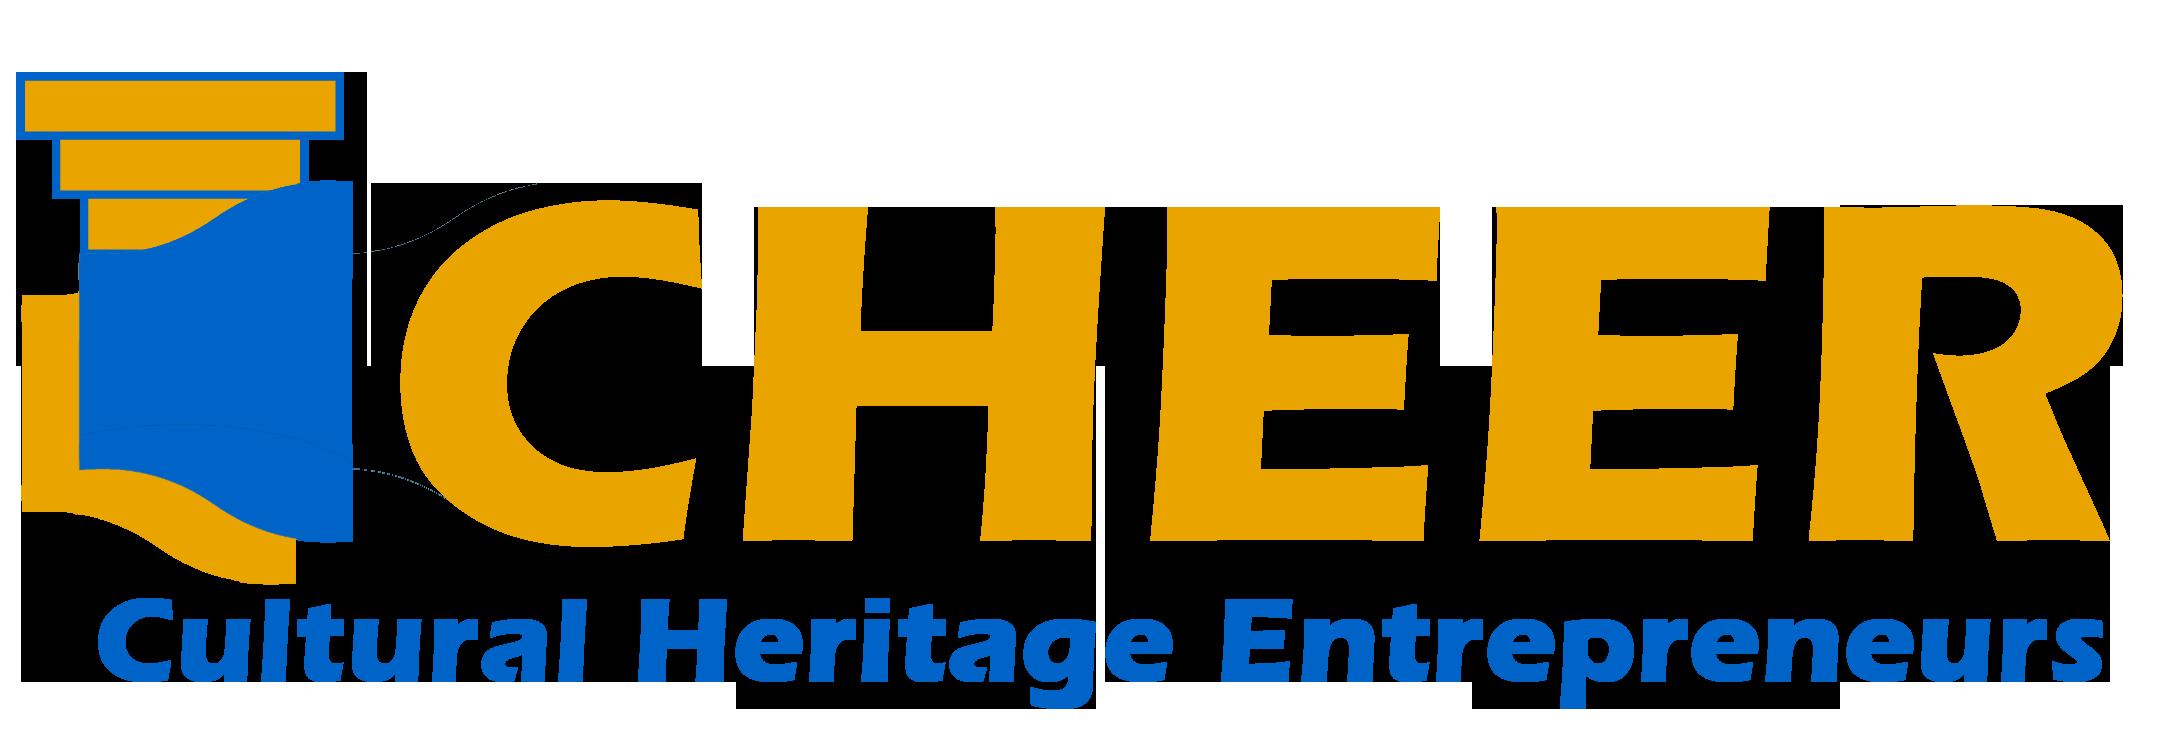 CHEER - Cultual Heritage Entrepreneurs